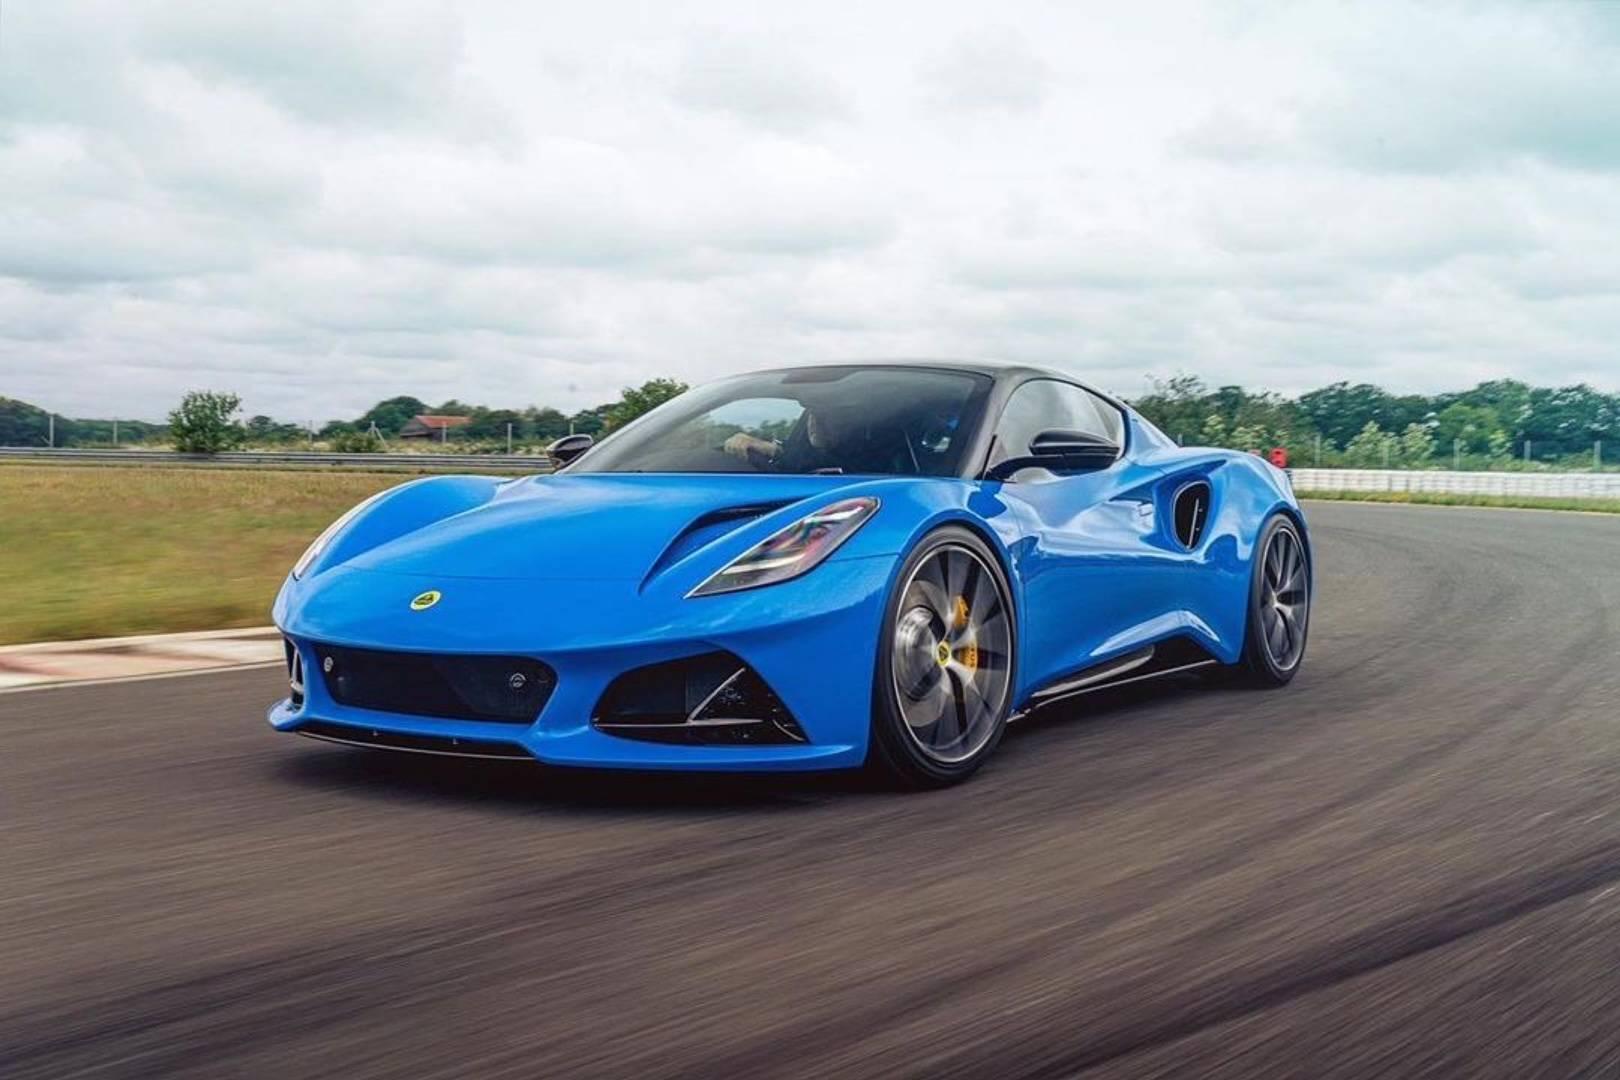 Lotus Emira Supercar